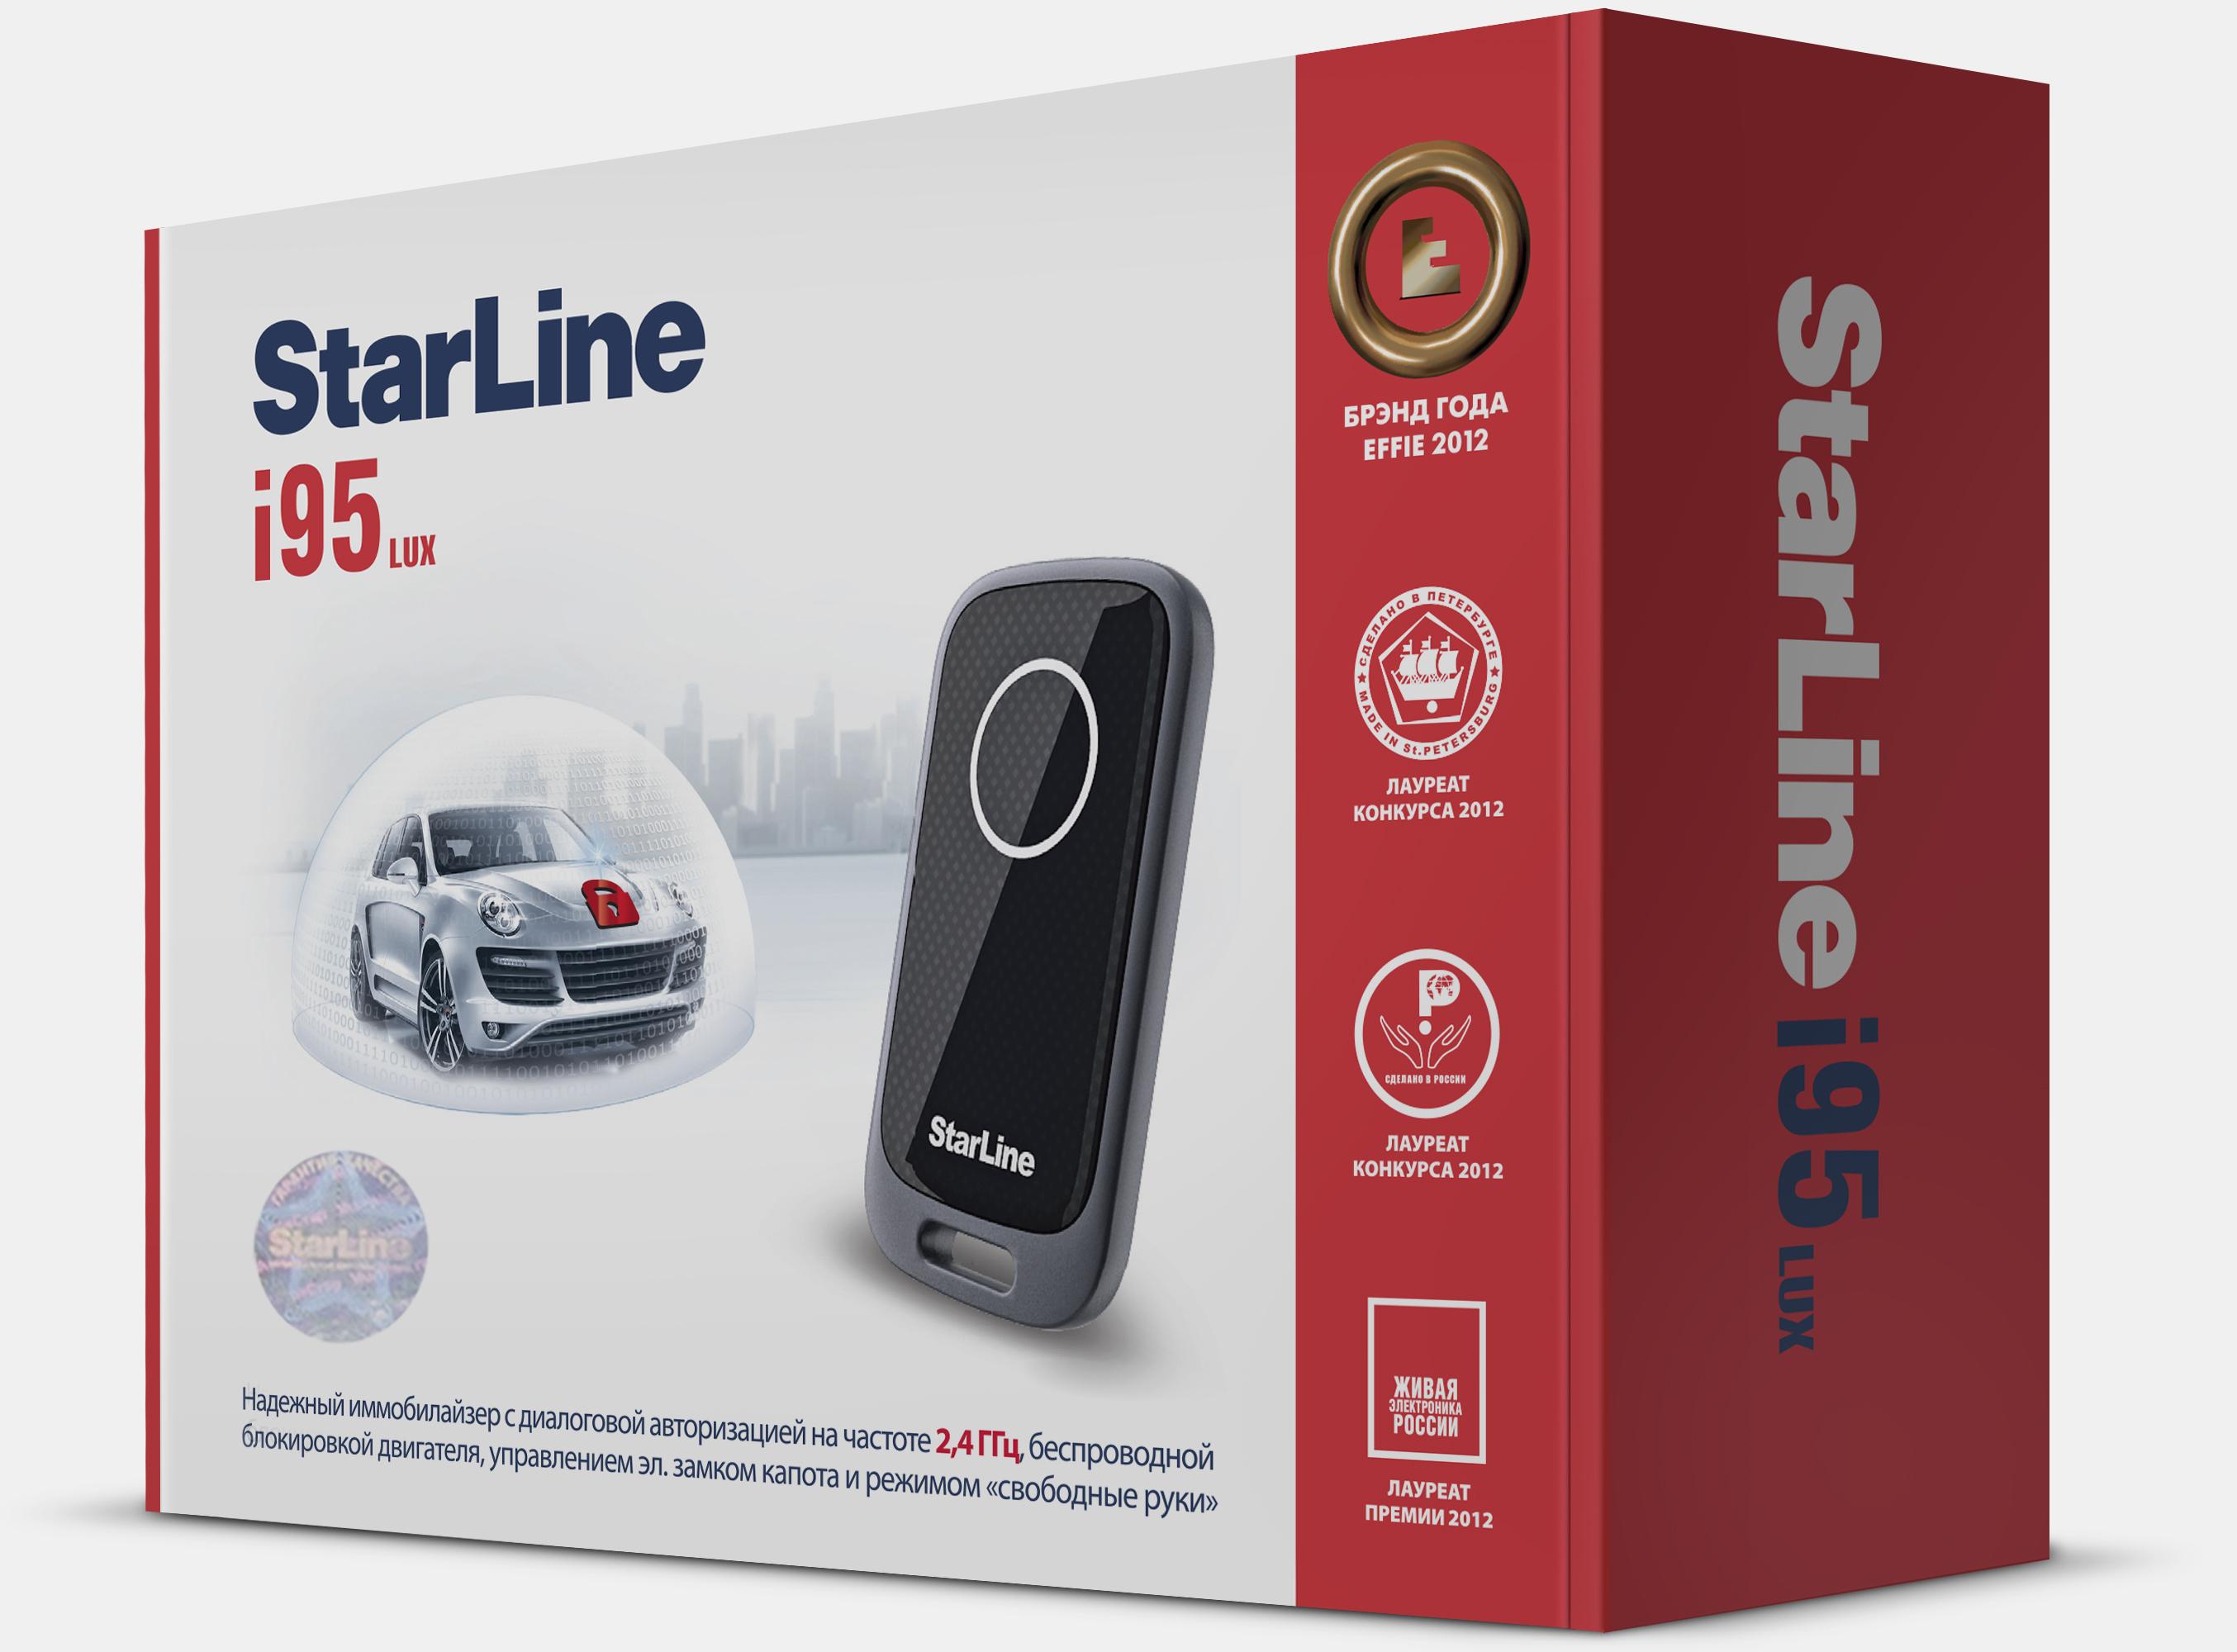 StarLine i95 lux